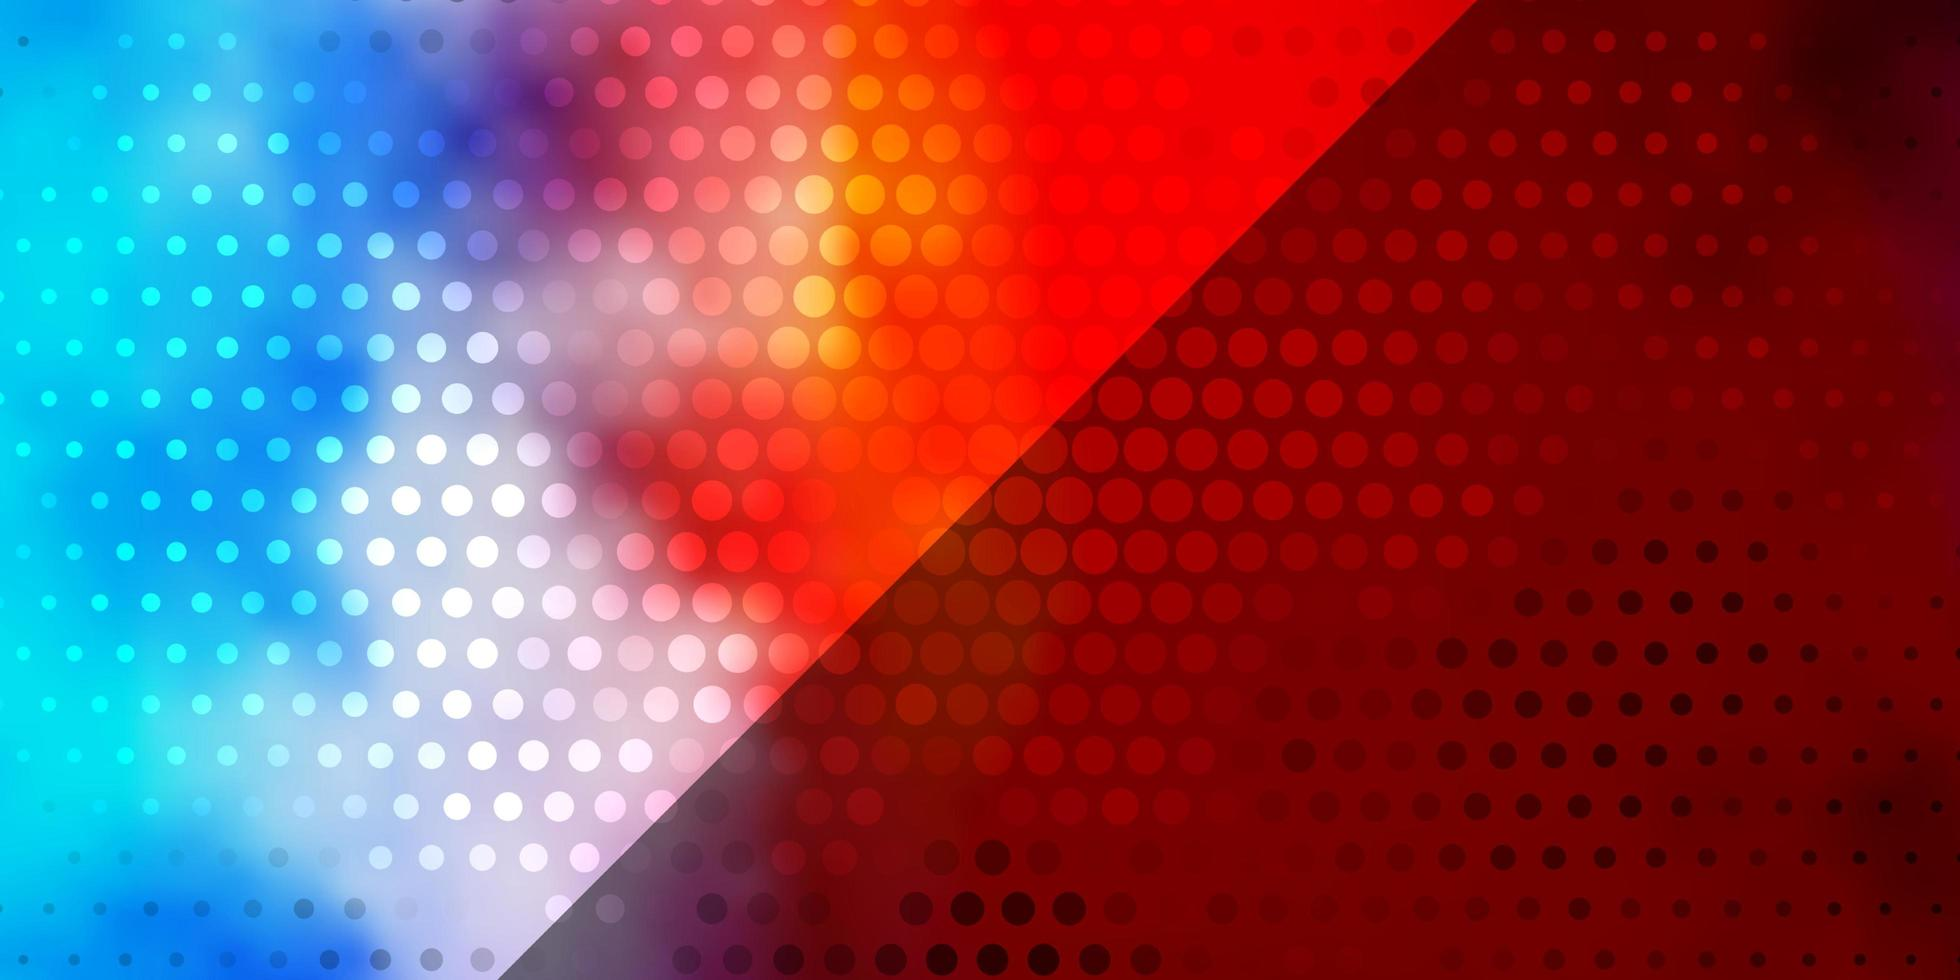 luz de fundo vector multicolor com círculos.